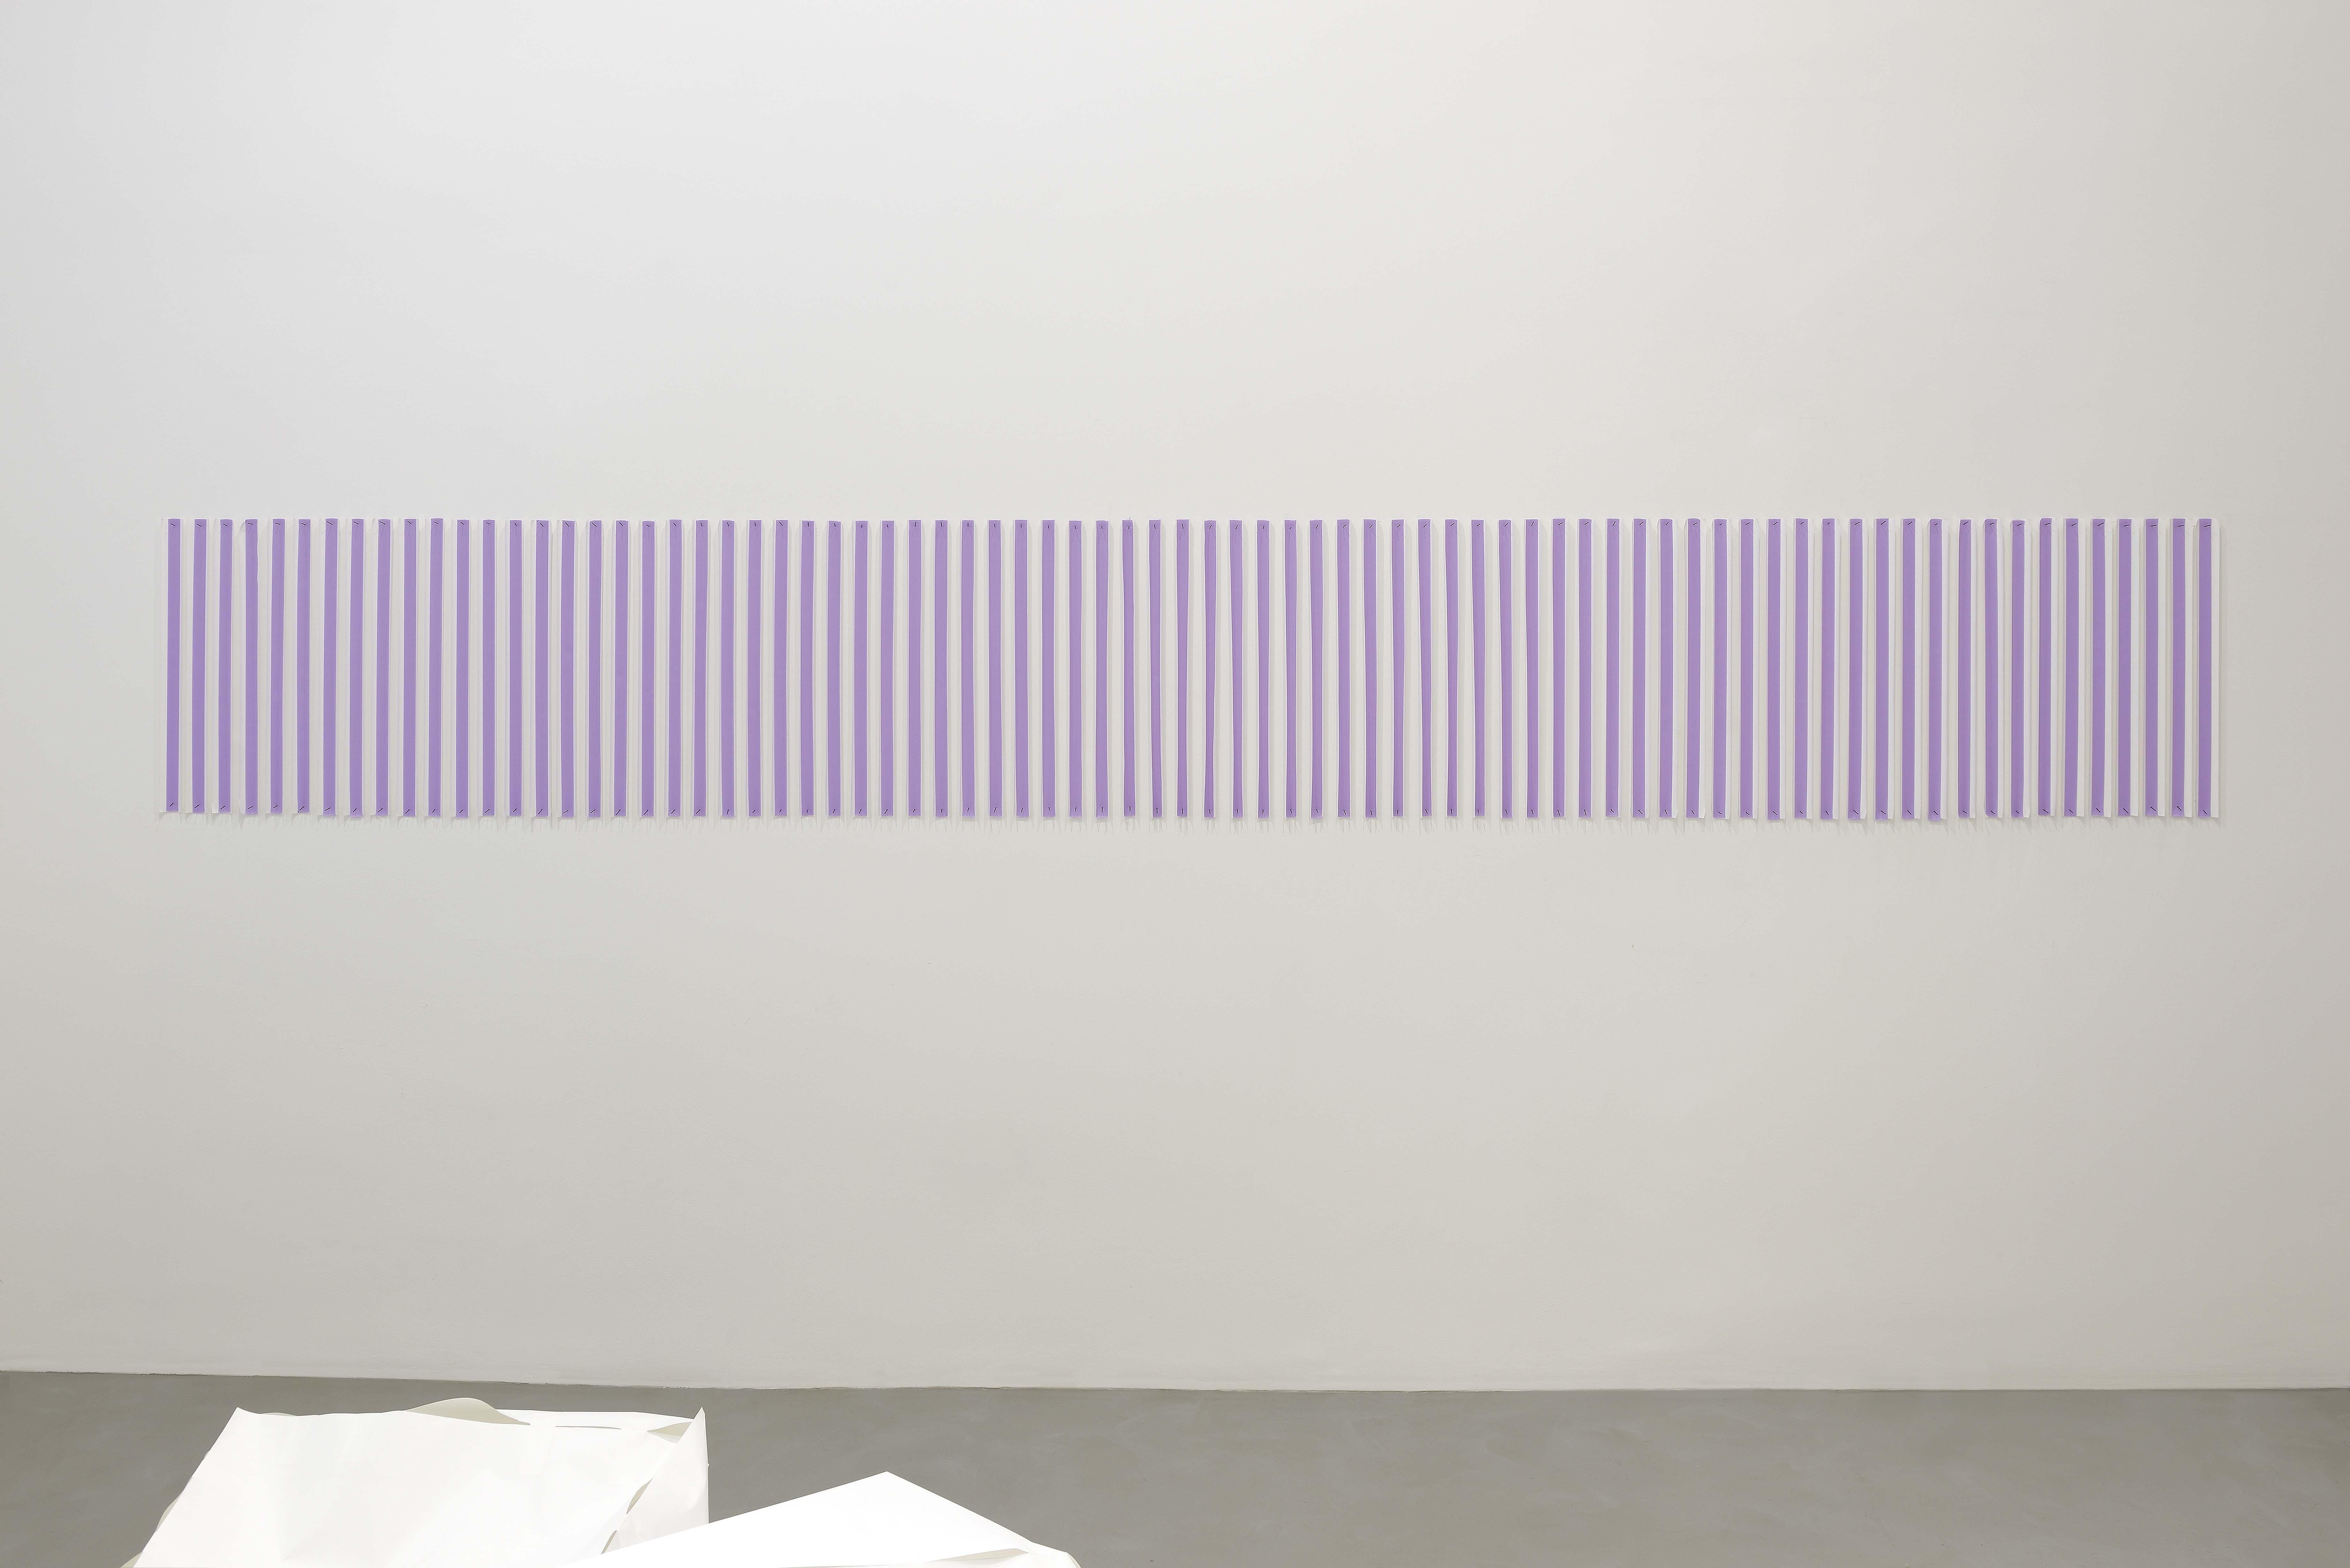 Un'opera di Un'opera di Thomas Kovachevich